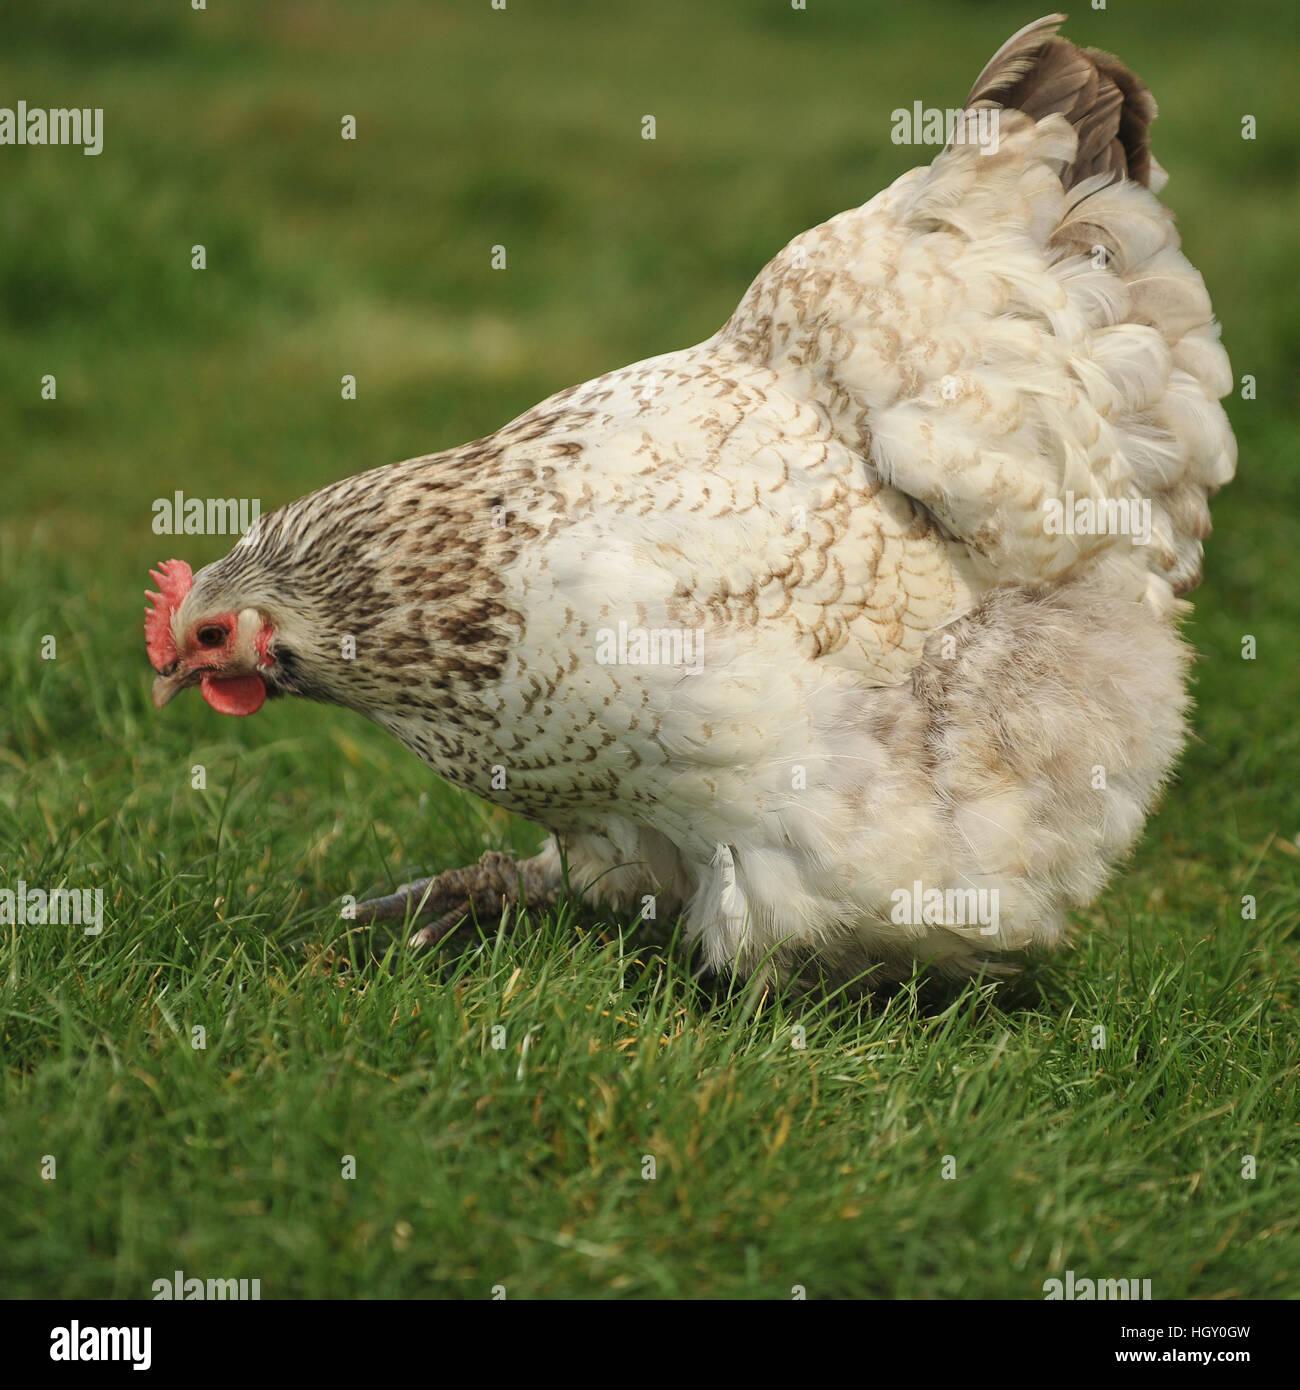 silver orpington hen - Stock Image